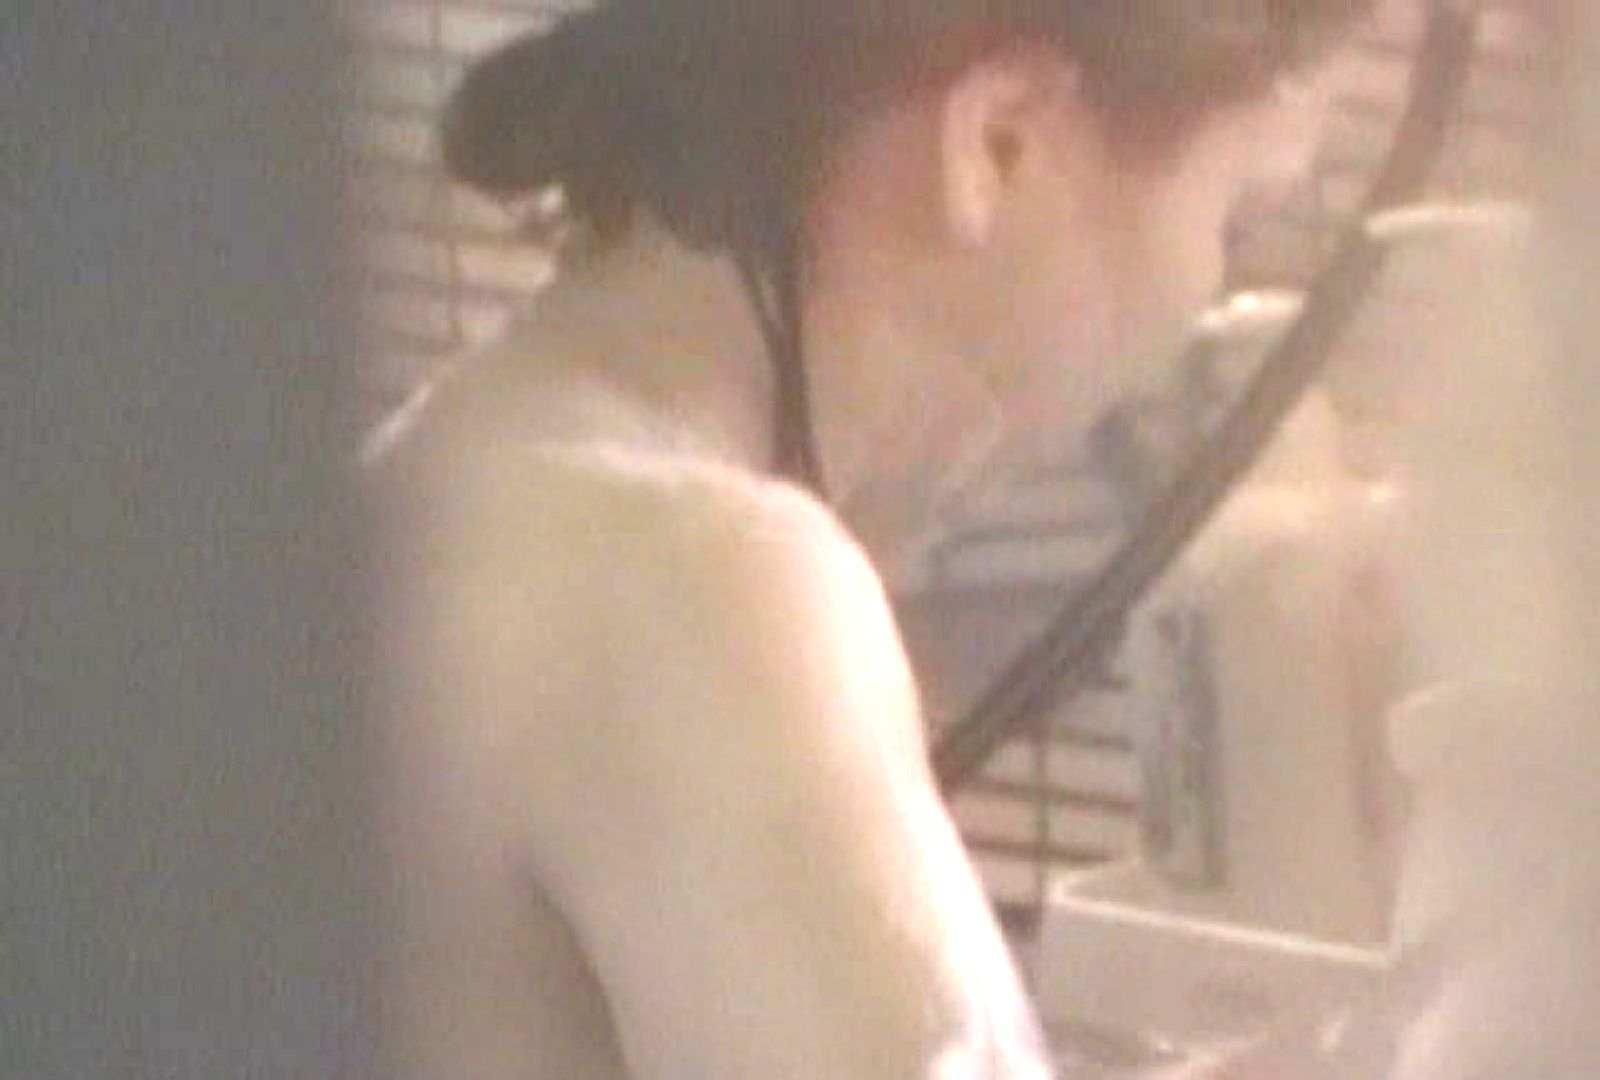 素人投稿シリーズ 盗撮 覗きの穴場 大浴場編  Vol.2 覗き 女性器鑑賞 112pic 17